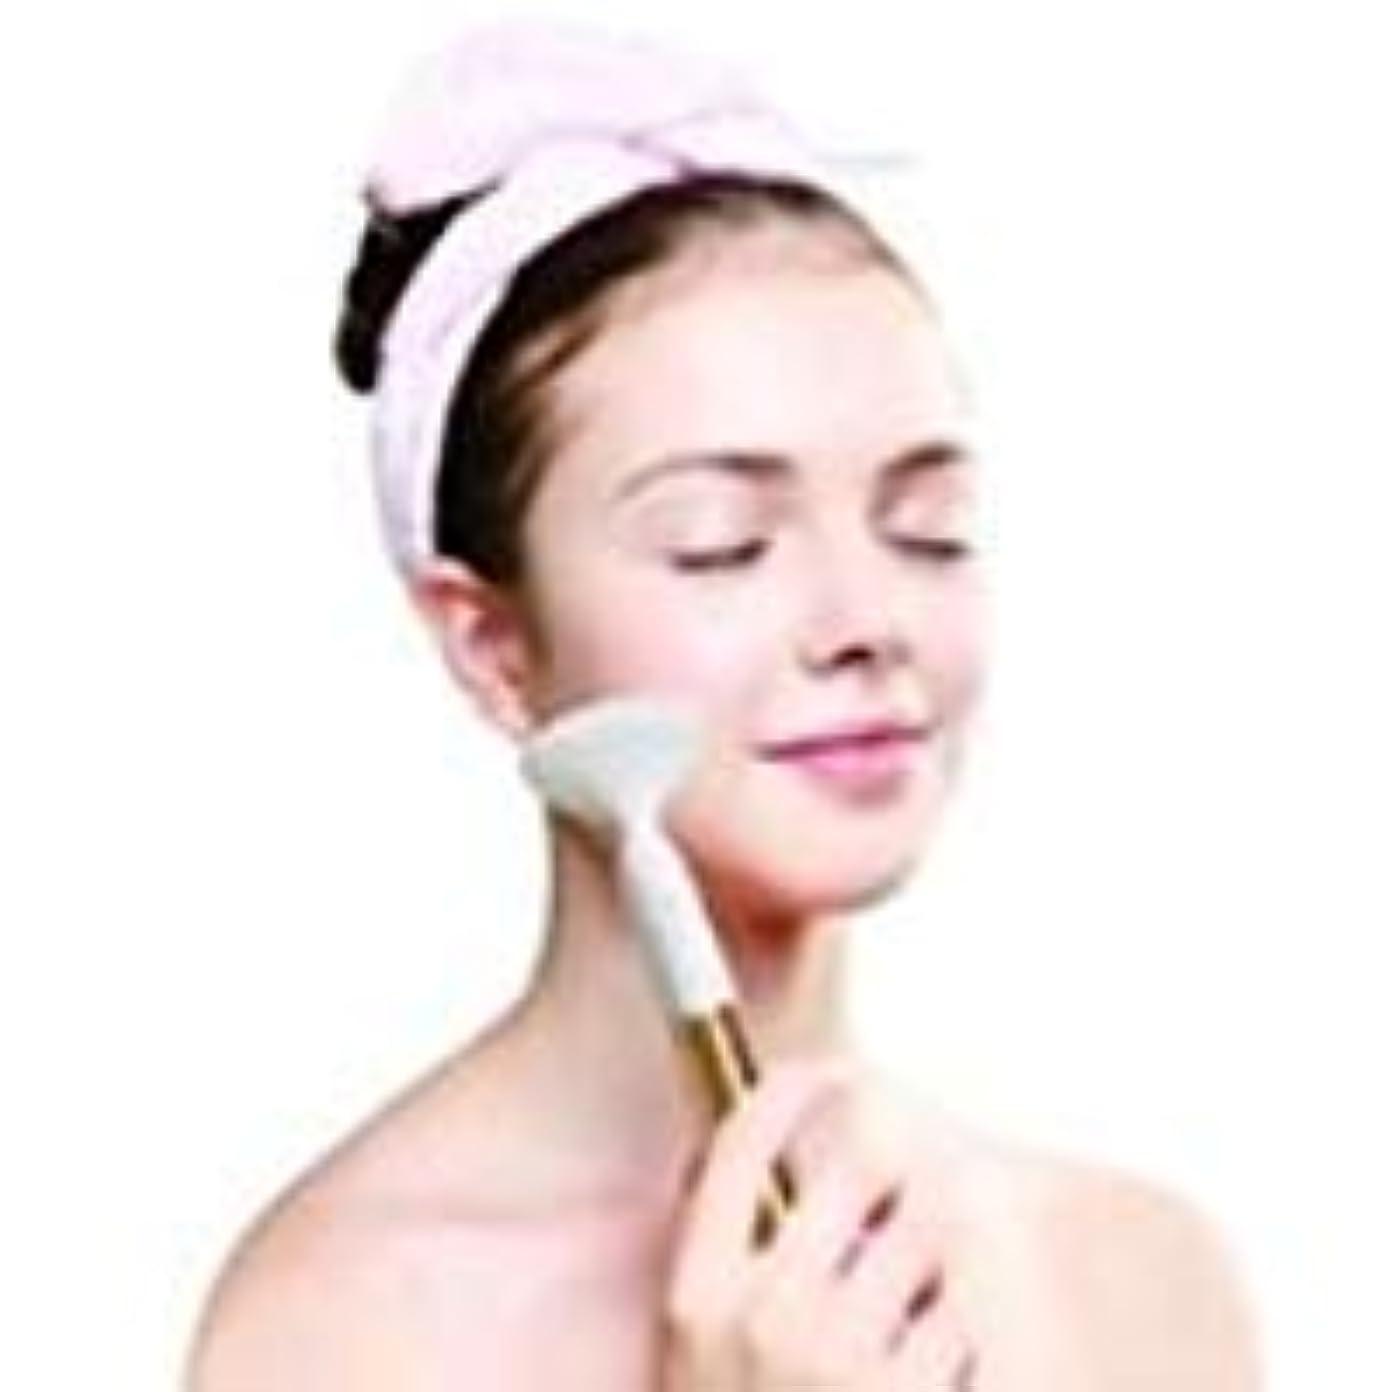 伴うリスクバナーお風呂で美顔 洗顔 防水洗顔 ブラシ FREYA フレイヤ (ゴールド)